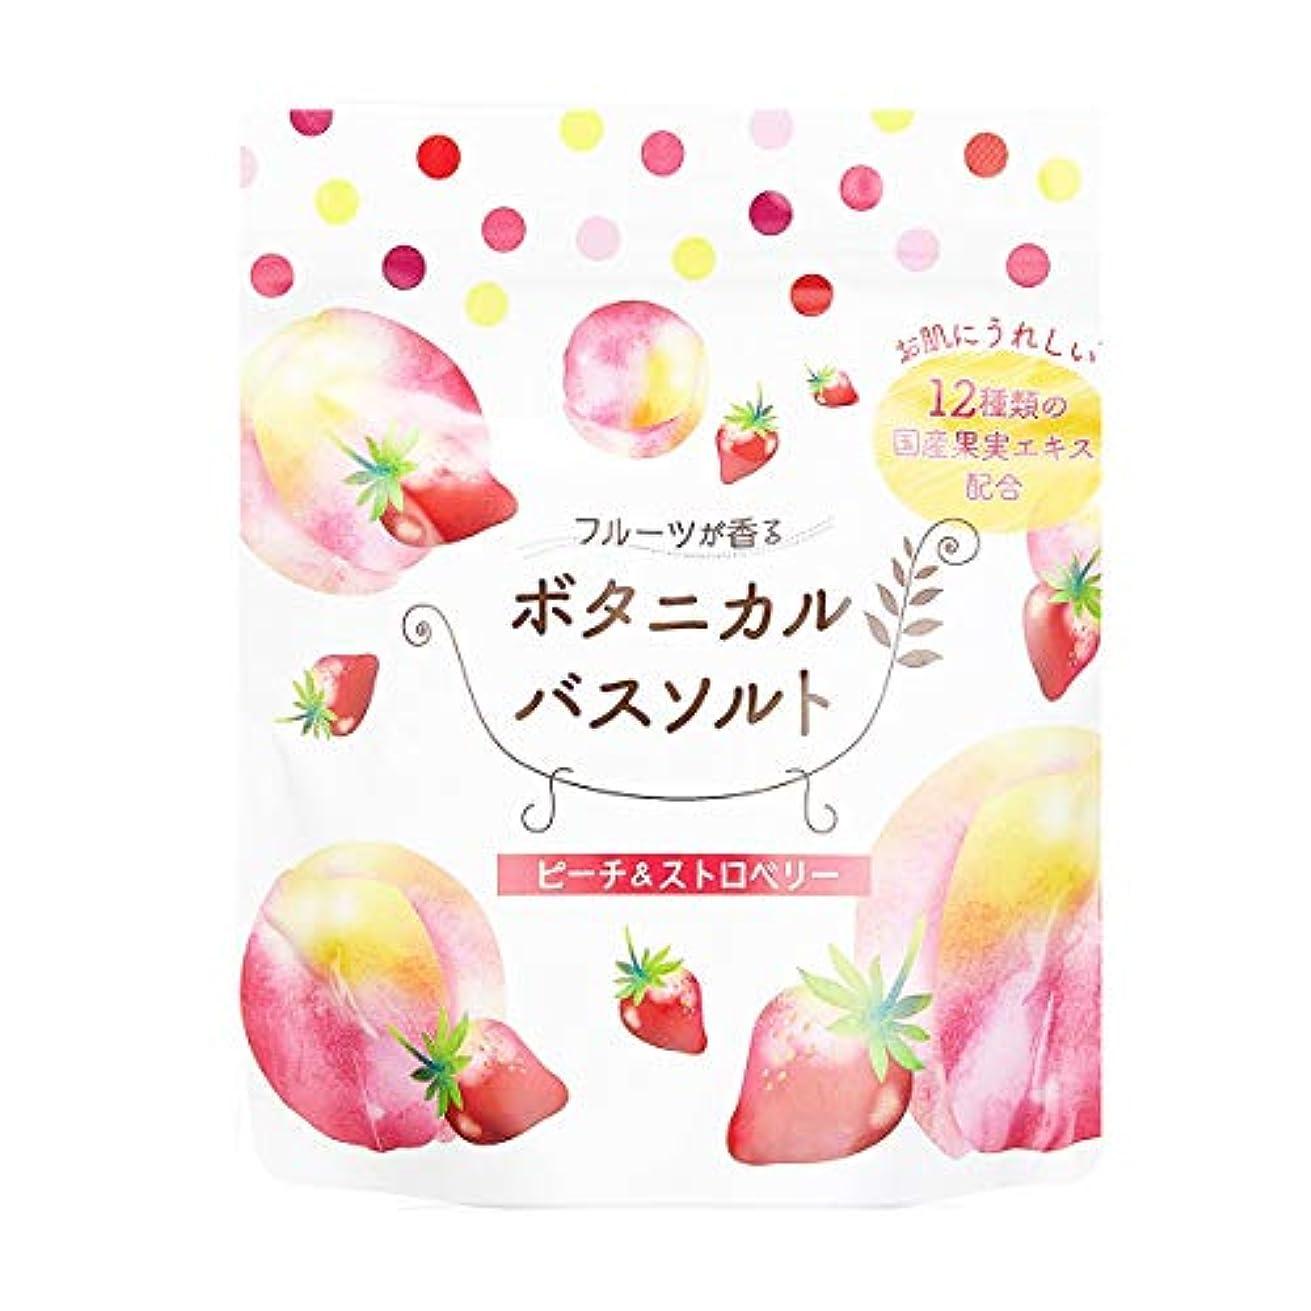 単位エリートシマウマ松田医薬品 フルーツが香るボタニカルバスソルト ピーチ&ストロベリー 30g